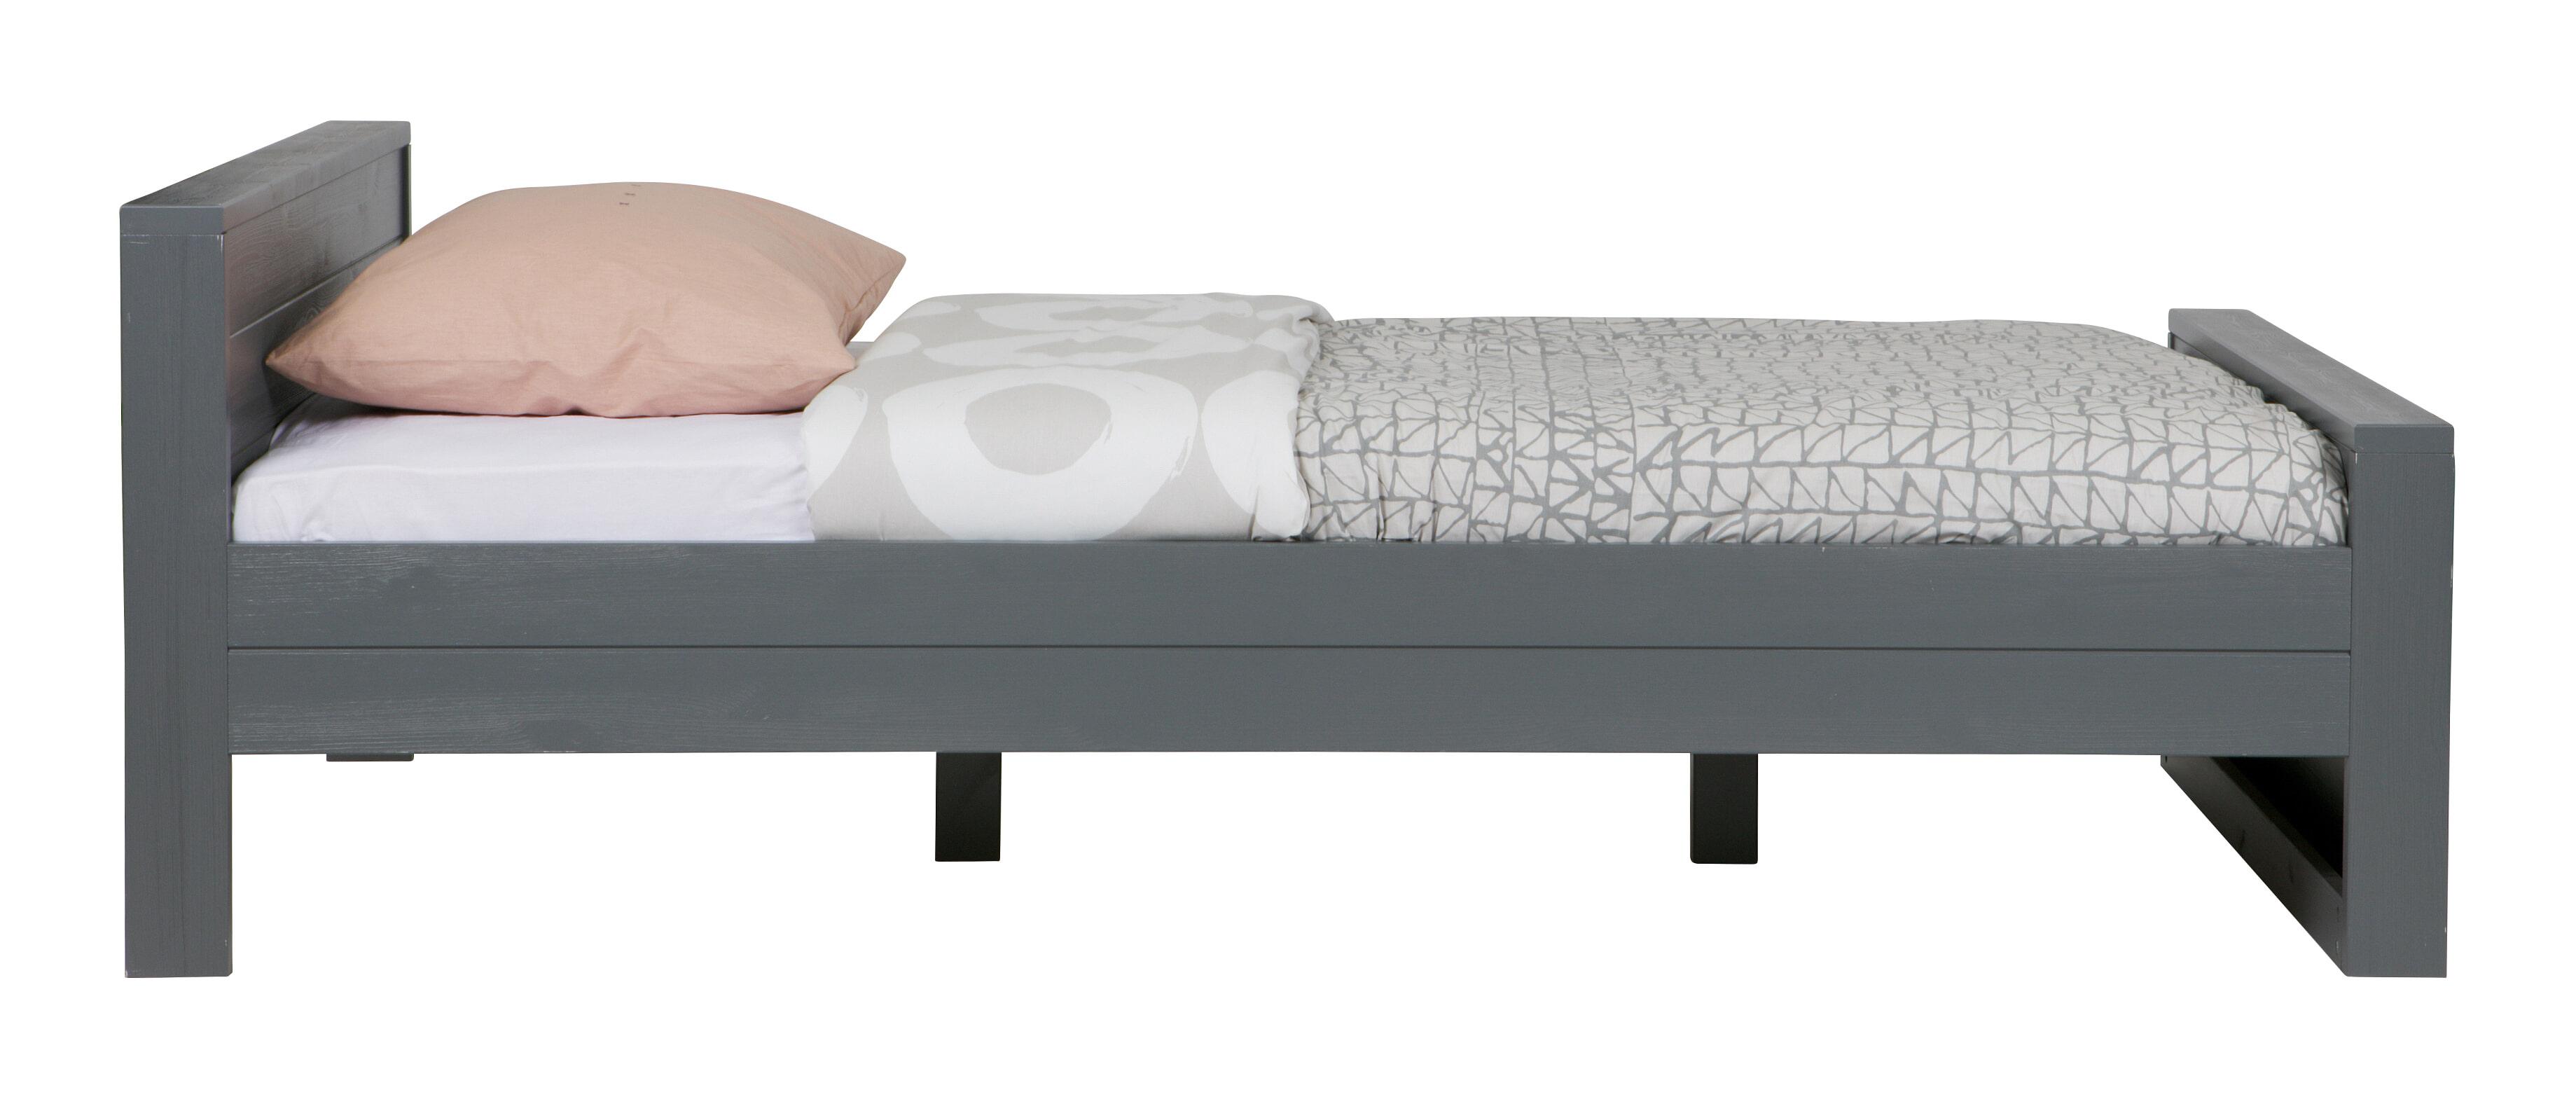 WOOOD Bed Dennis 120 x 200cm, kleur Steel grey